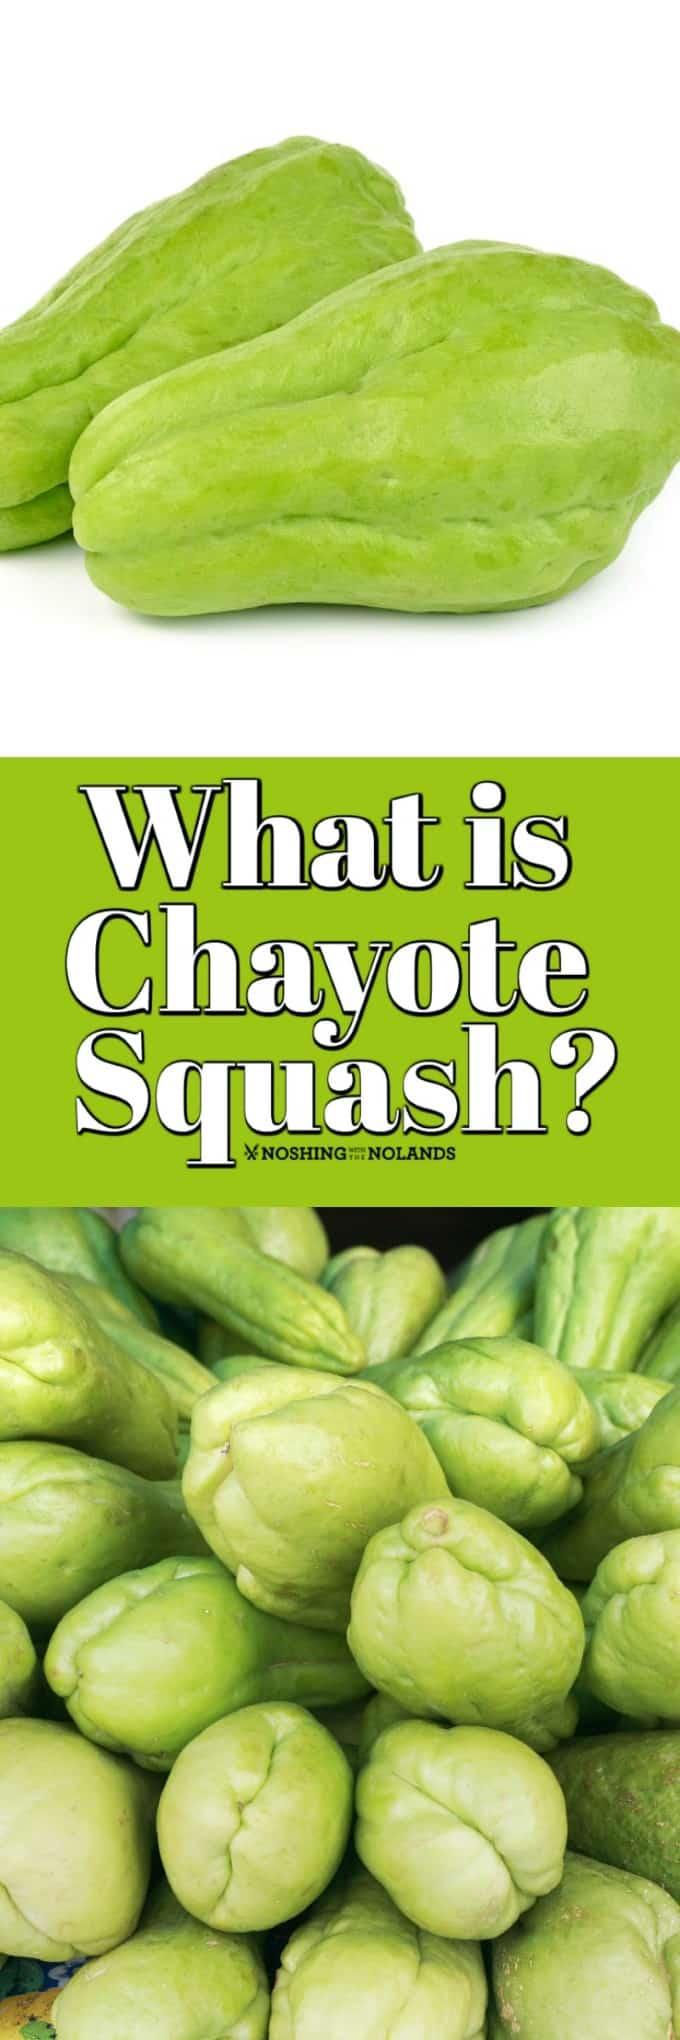 ¿Qué es Chayote Squash y qué hago con él? La calabaza chayote es tan jugosa y deliciosa que si no la has probado debes hacerlo. #chayote #squash #howto